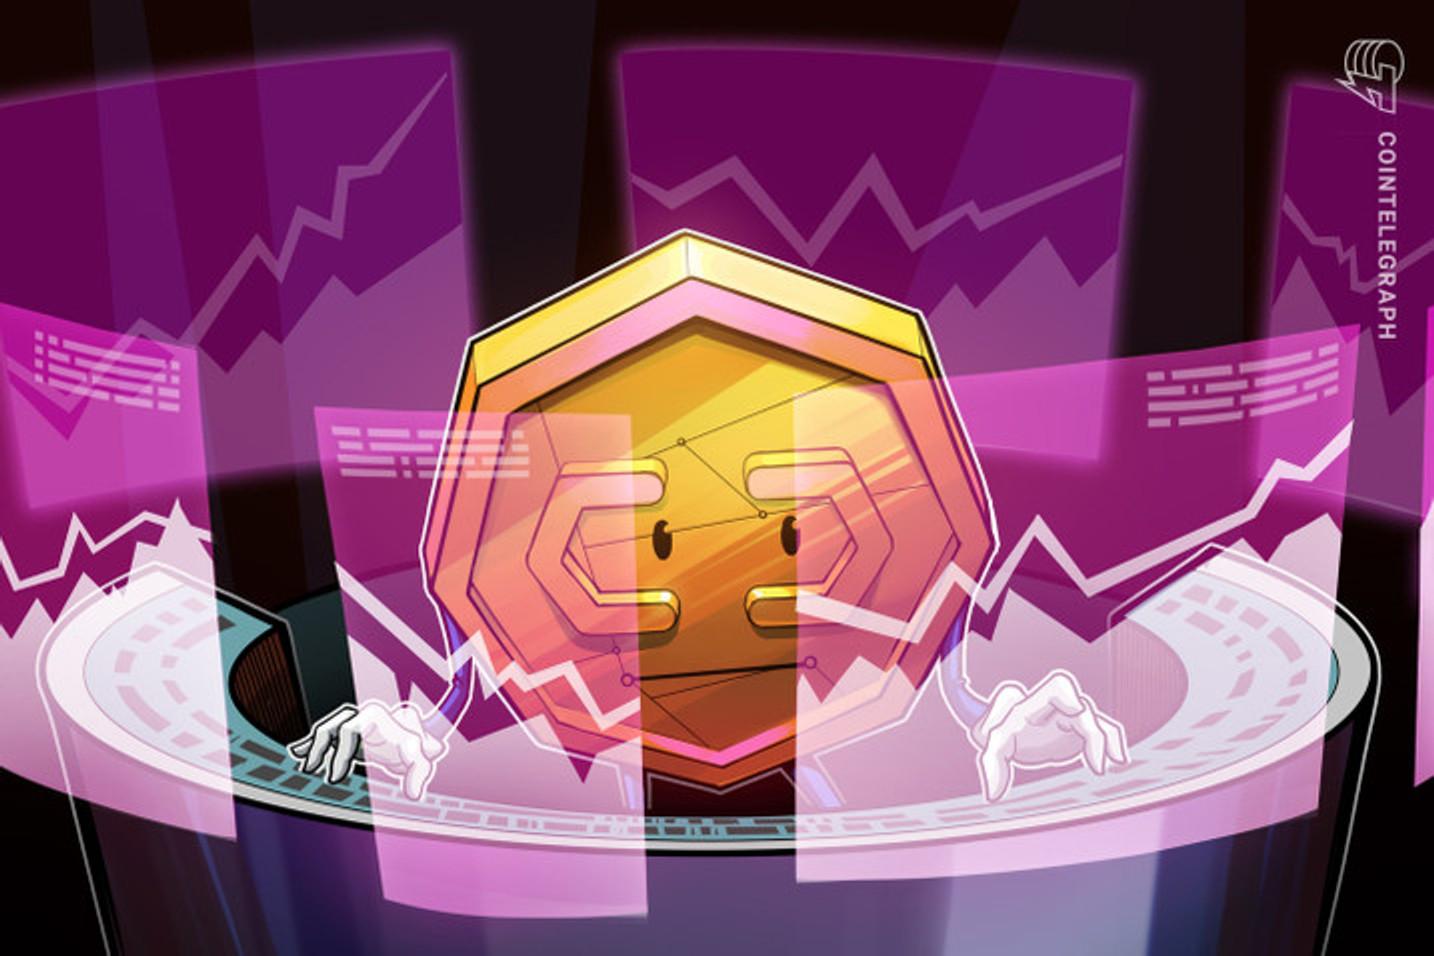 iCommunity Labs capta medio millón de dólares en la fase 1 de venta de su token